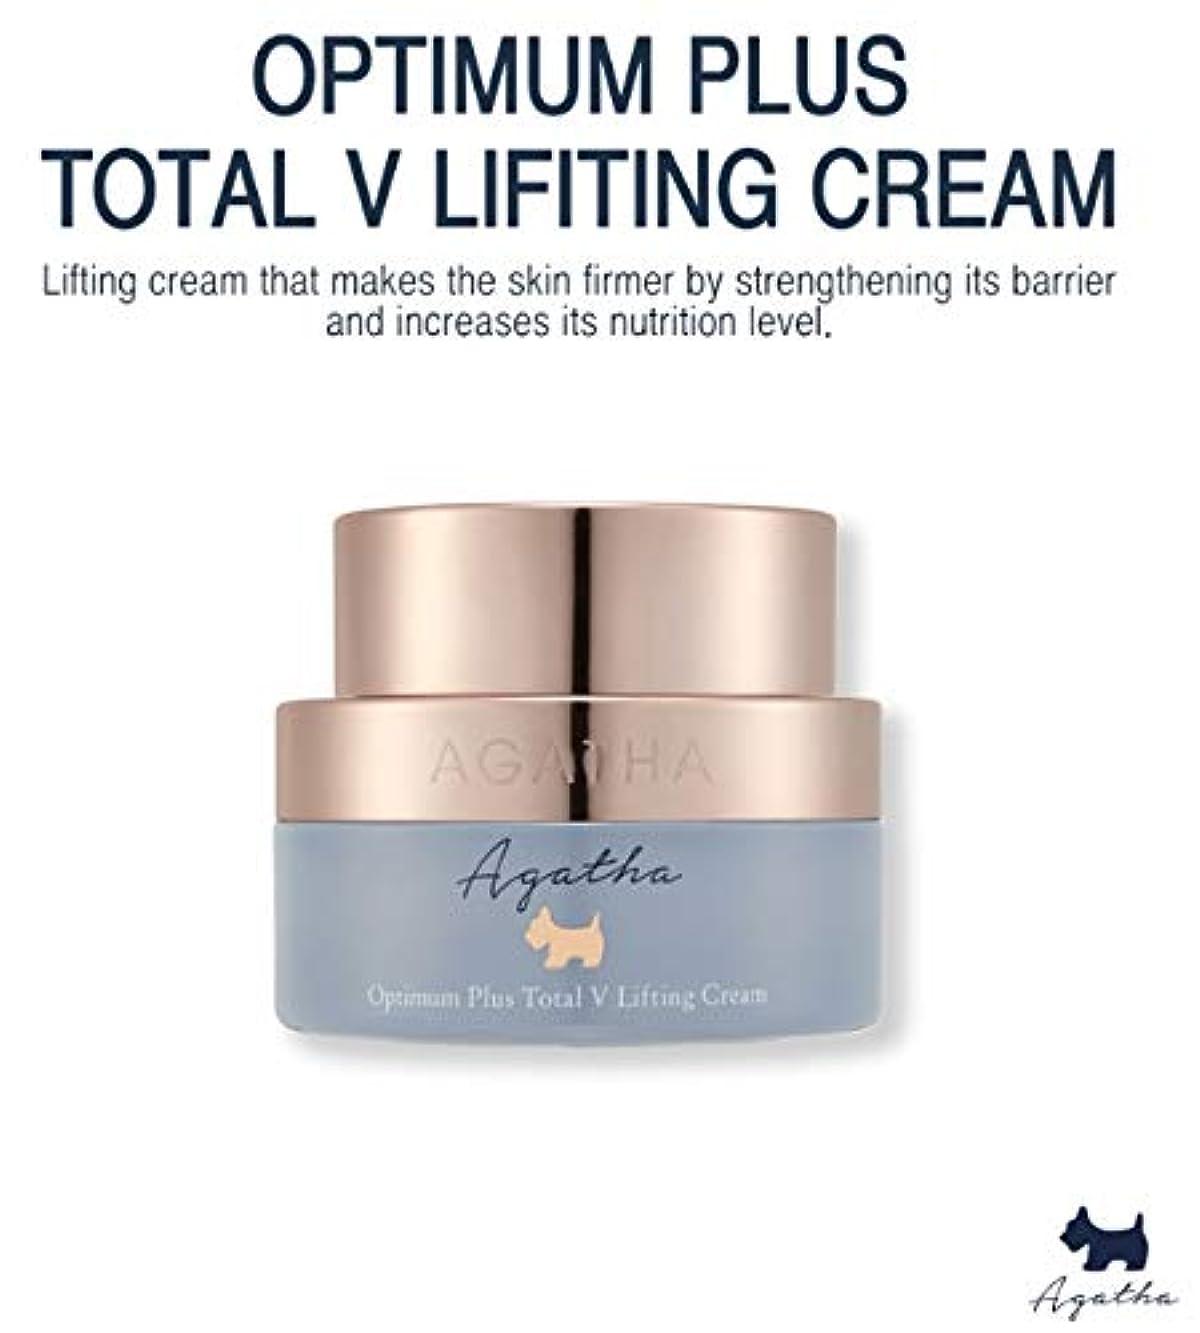 大通りインタフェース息切れアガタ オプチマムプラス トータルVリフティングクリーム Optimum Plus Total V Lifting Cream 50ml [並行輸入品]